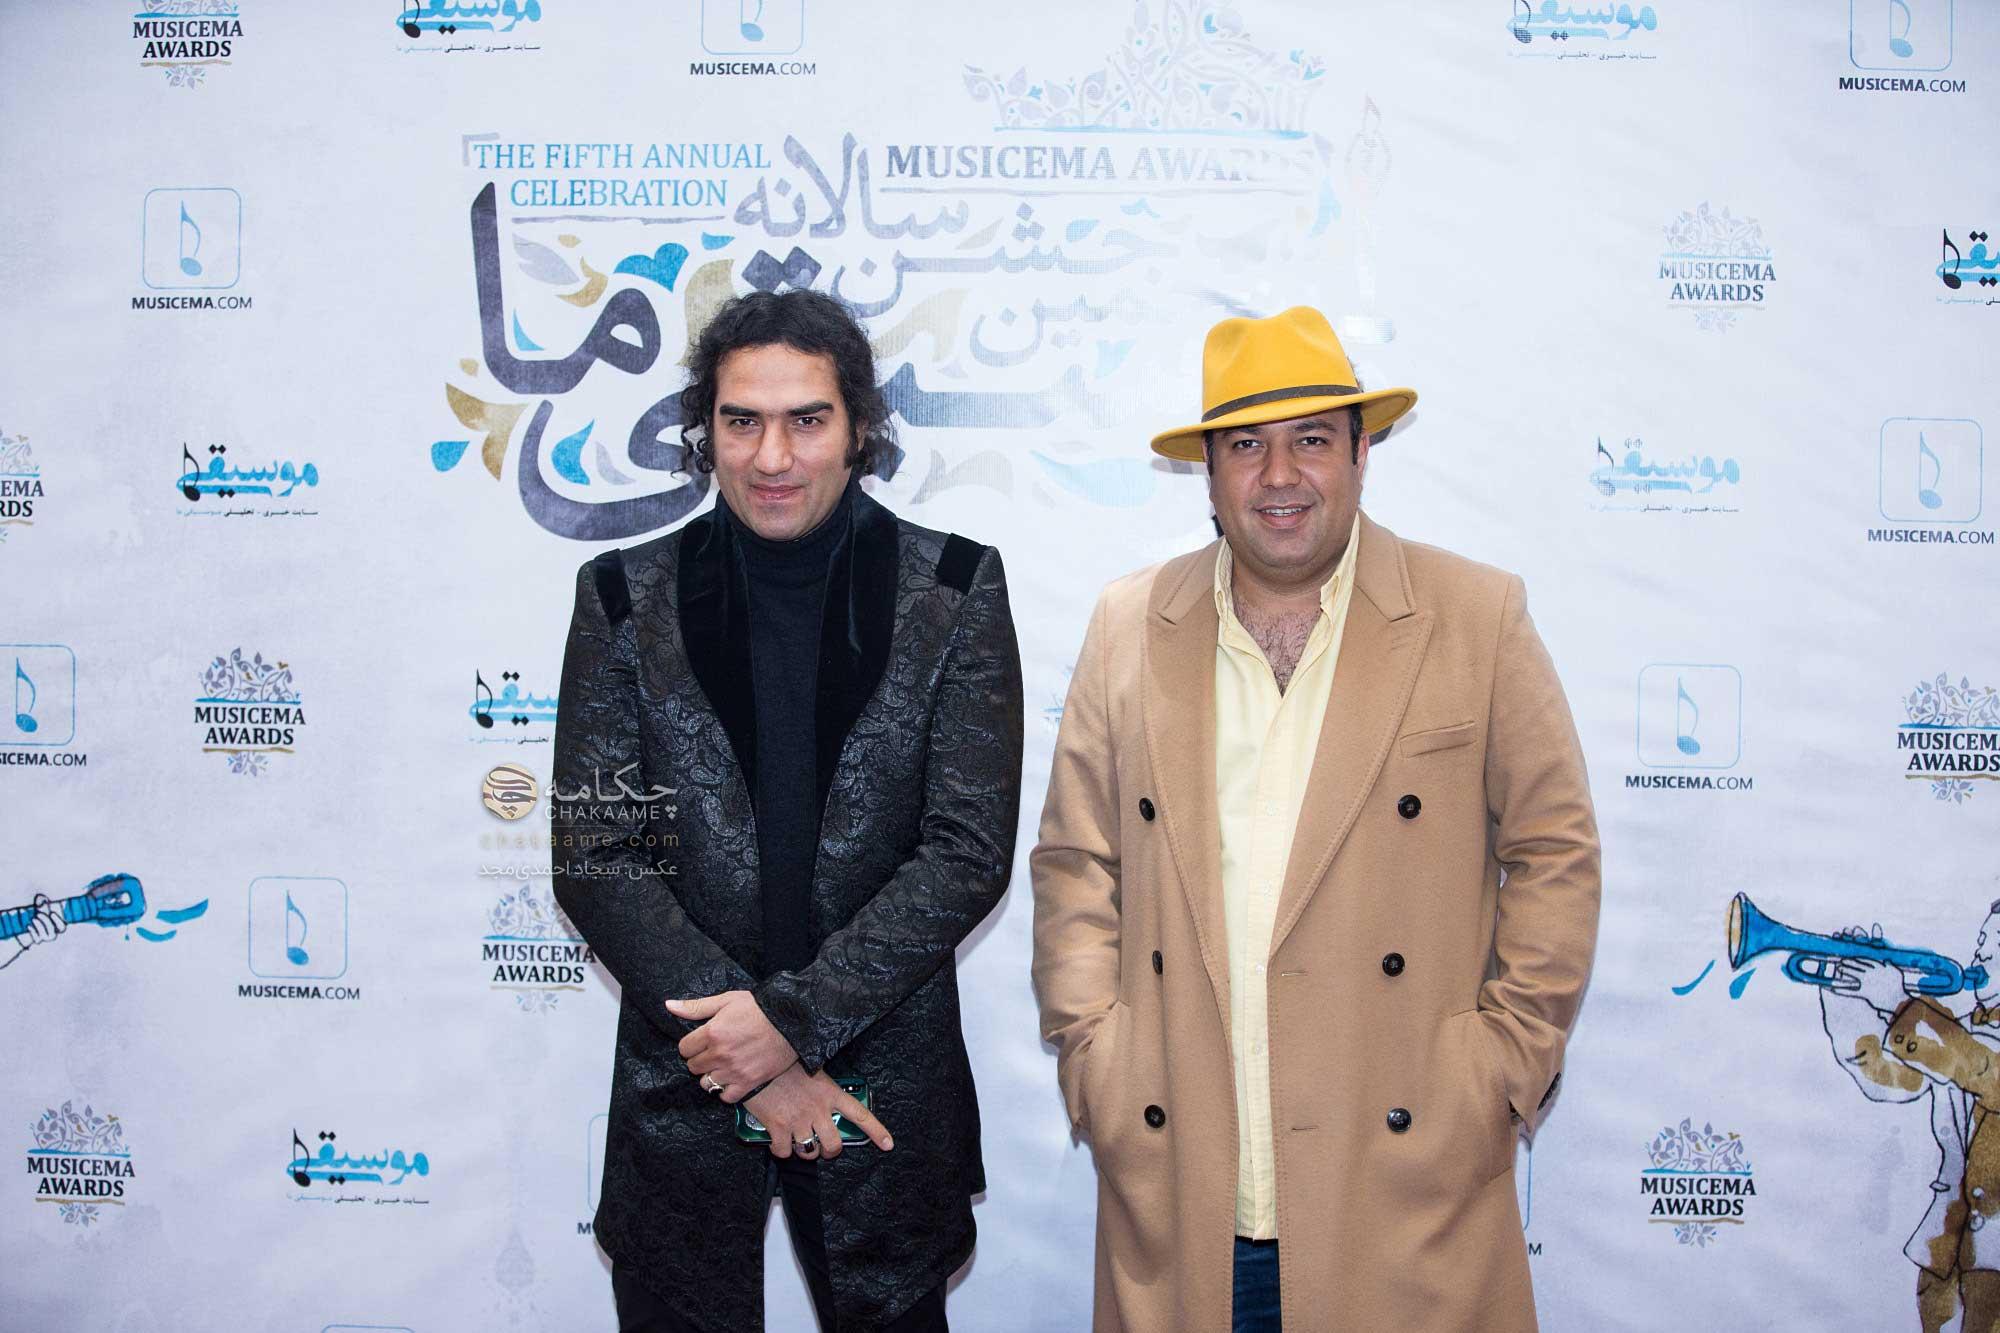 رضا یزدانی - علی اوجی - پنجمین جشن سالانه موسیقی ما